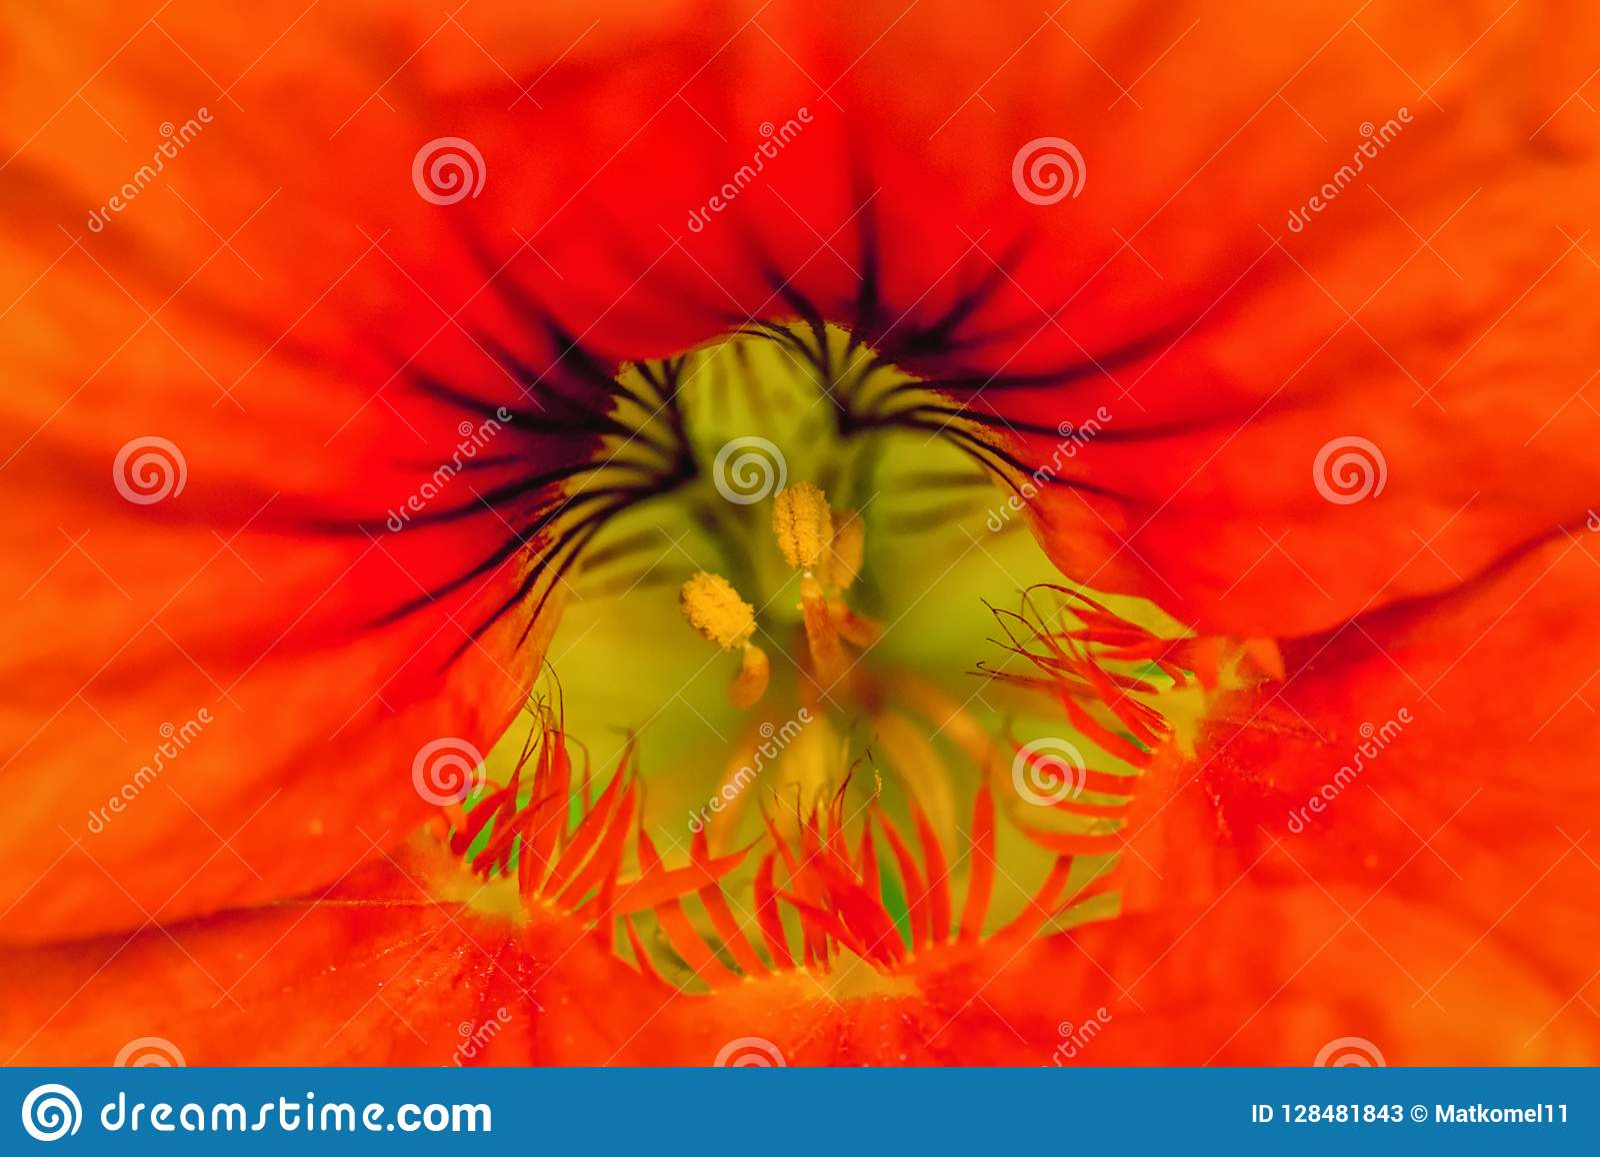 Mitte der Blume und des Stempels und des Staubgefässes